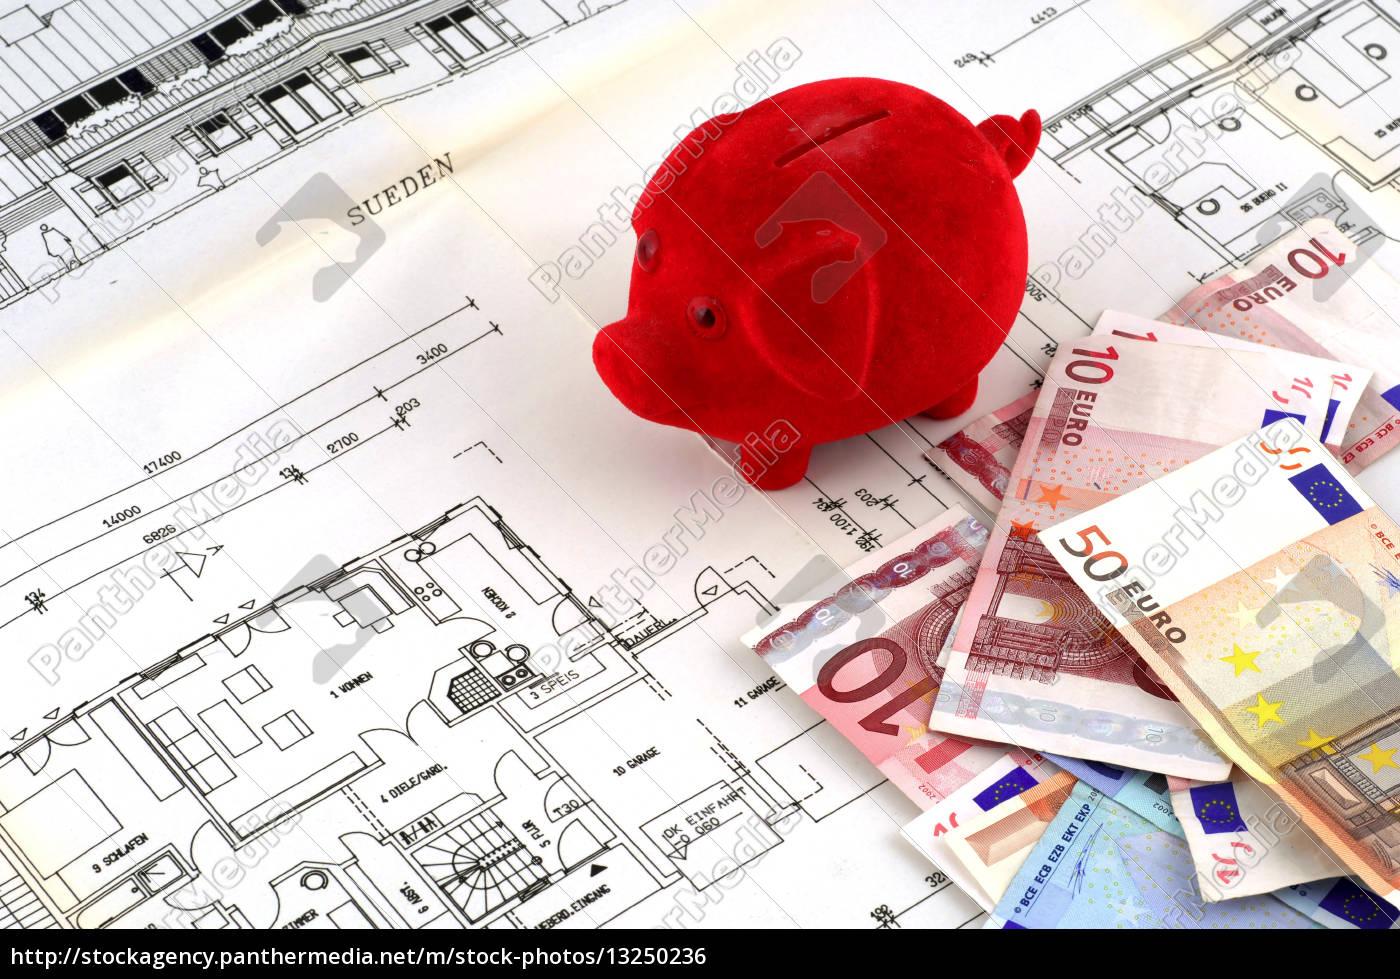 Lizenzfreies Foto 13250236 - Sparen für den Hausbau